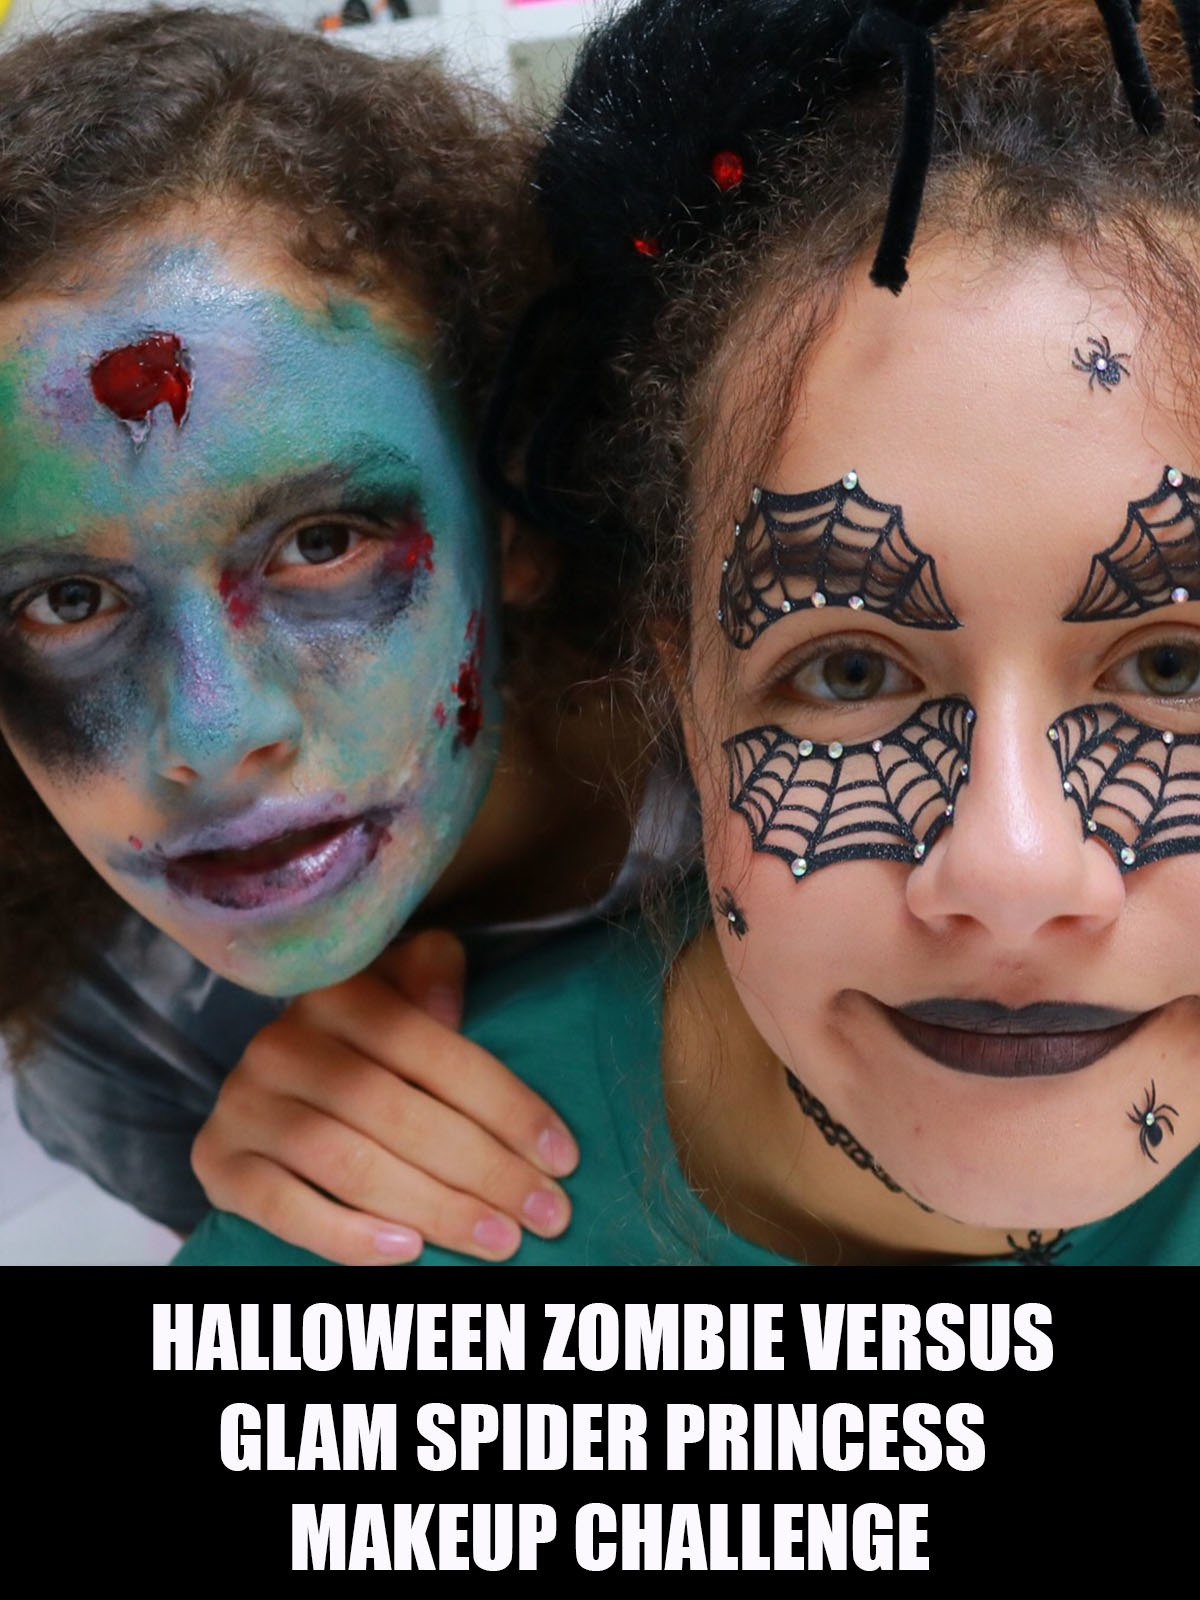 Halloween Zombie Versus Glam Spider Princess Makeup Challenge